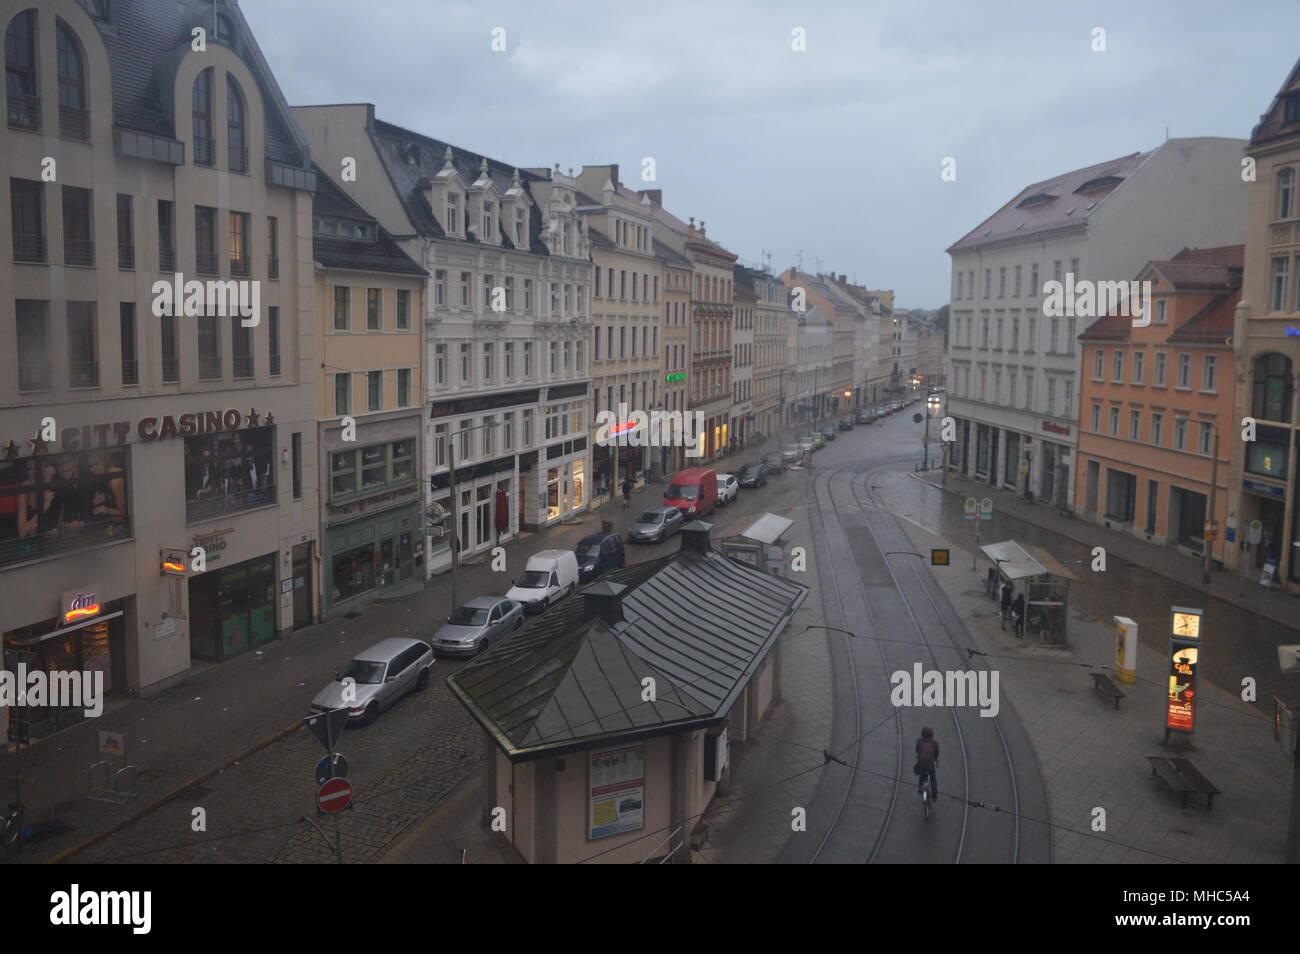 blick aus dem jugendstil kaufhaus stoecker goerlitz nach dem demianiplatz - Stock Image